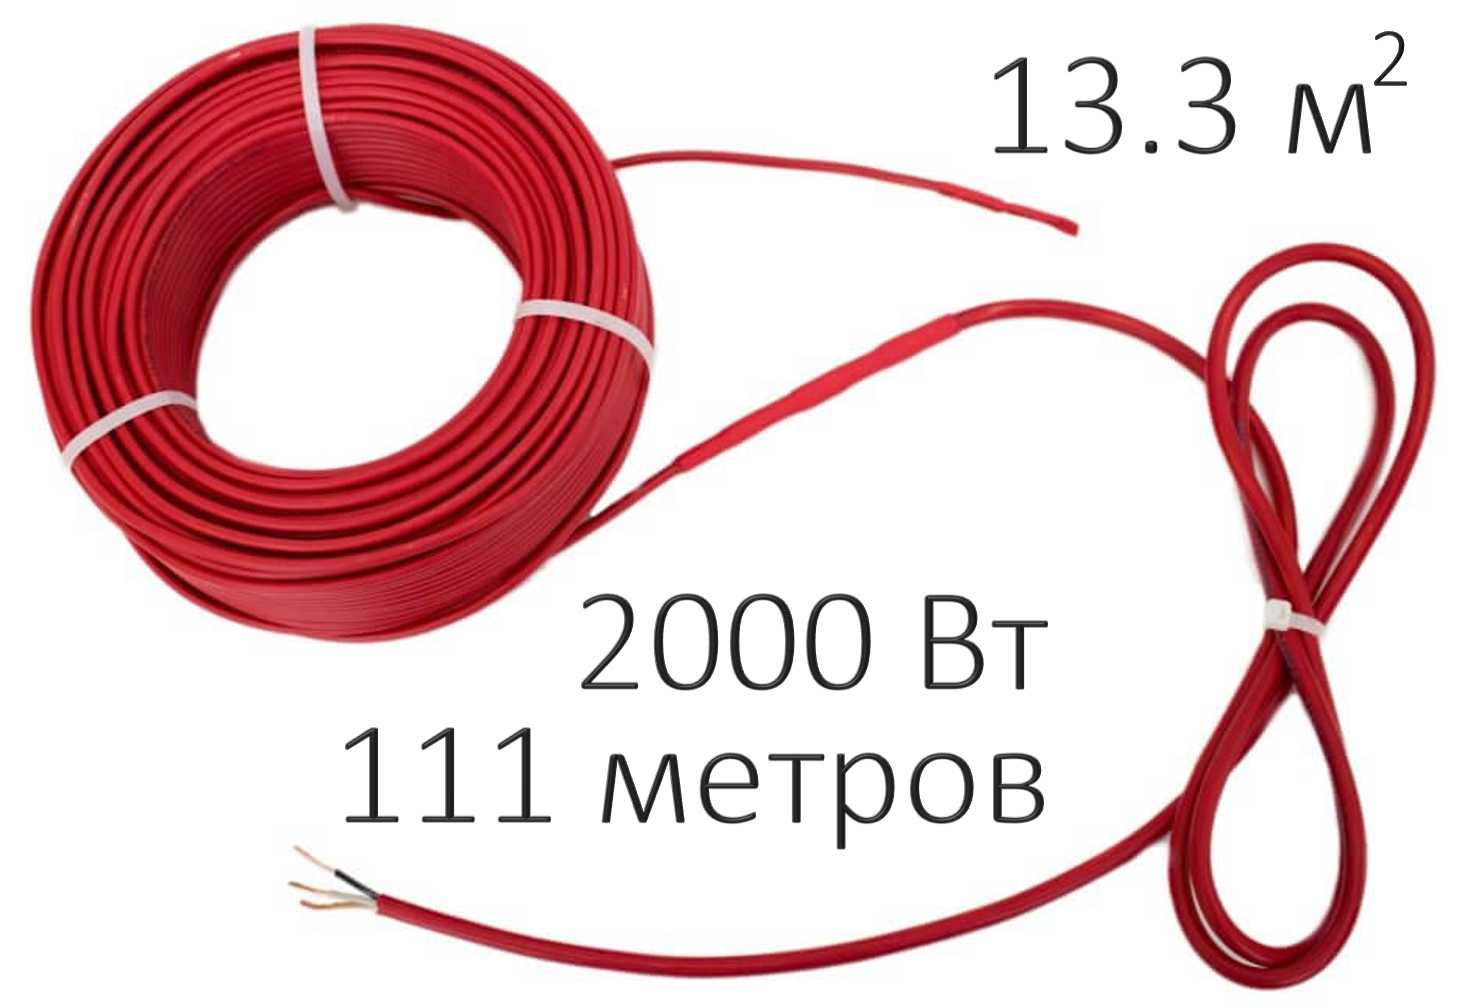 Кабельная нагревательная секция СТН КС-2000 (2 кВт, 111 пм)